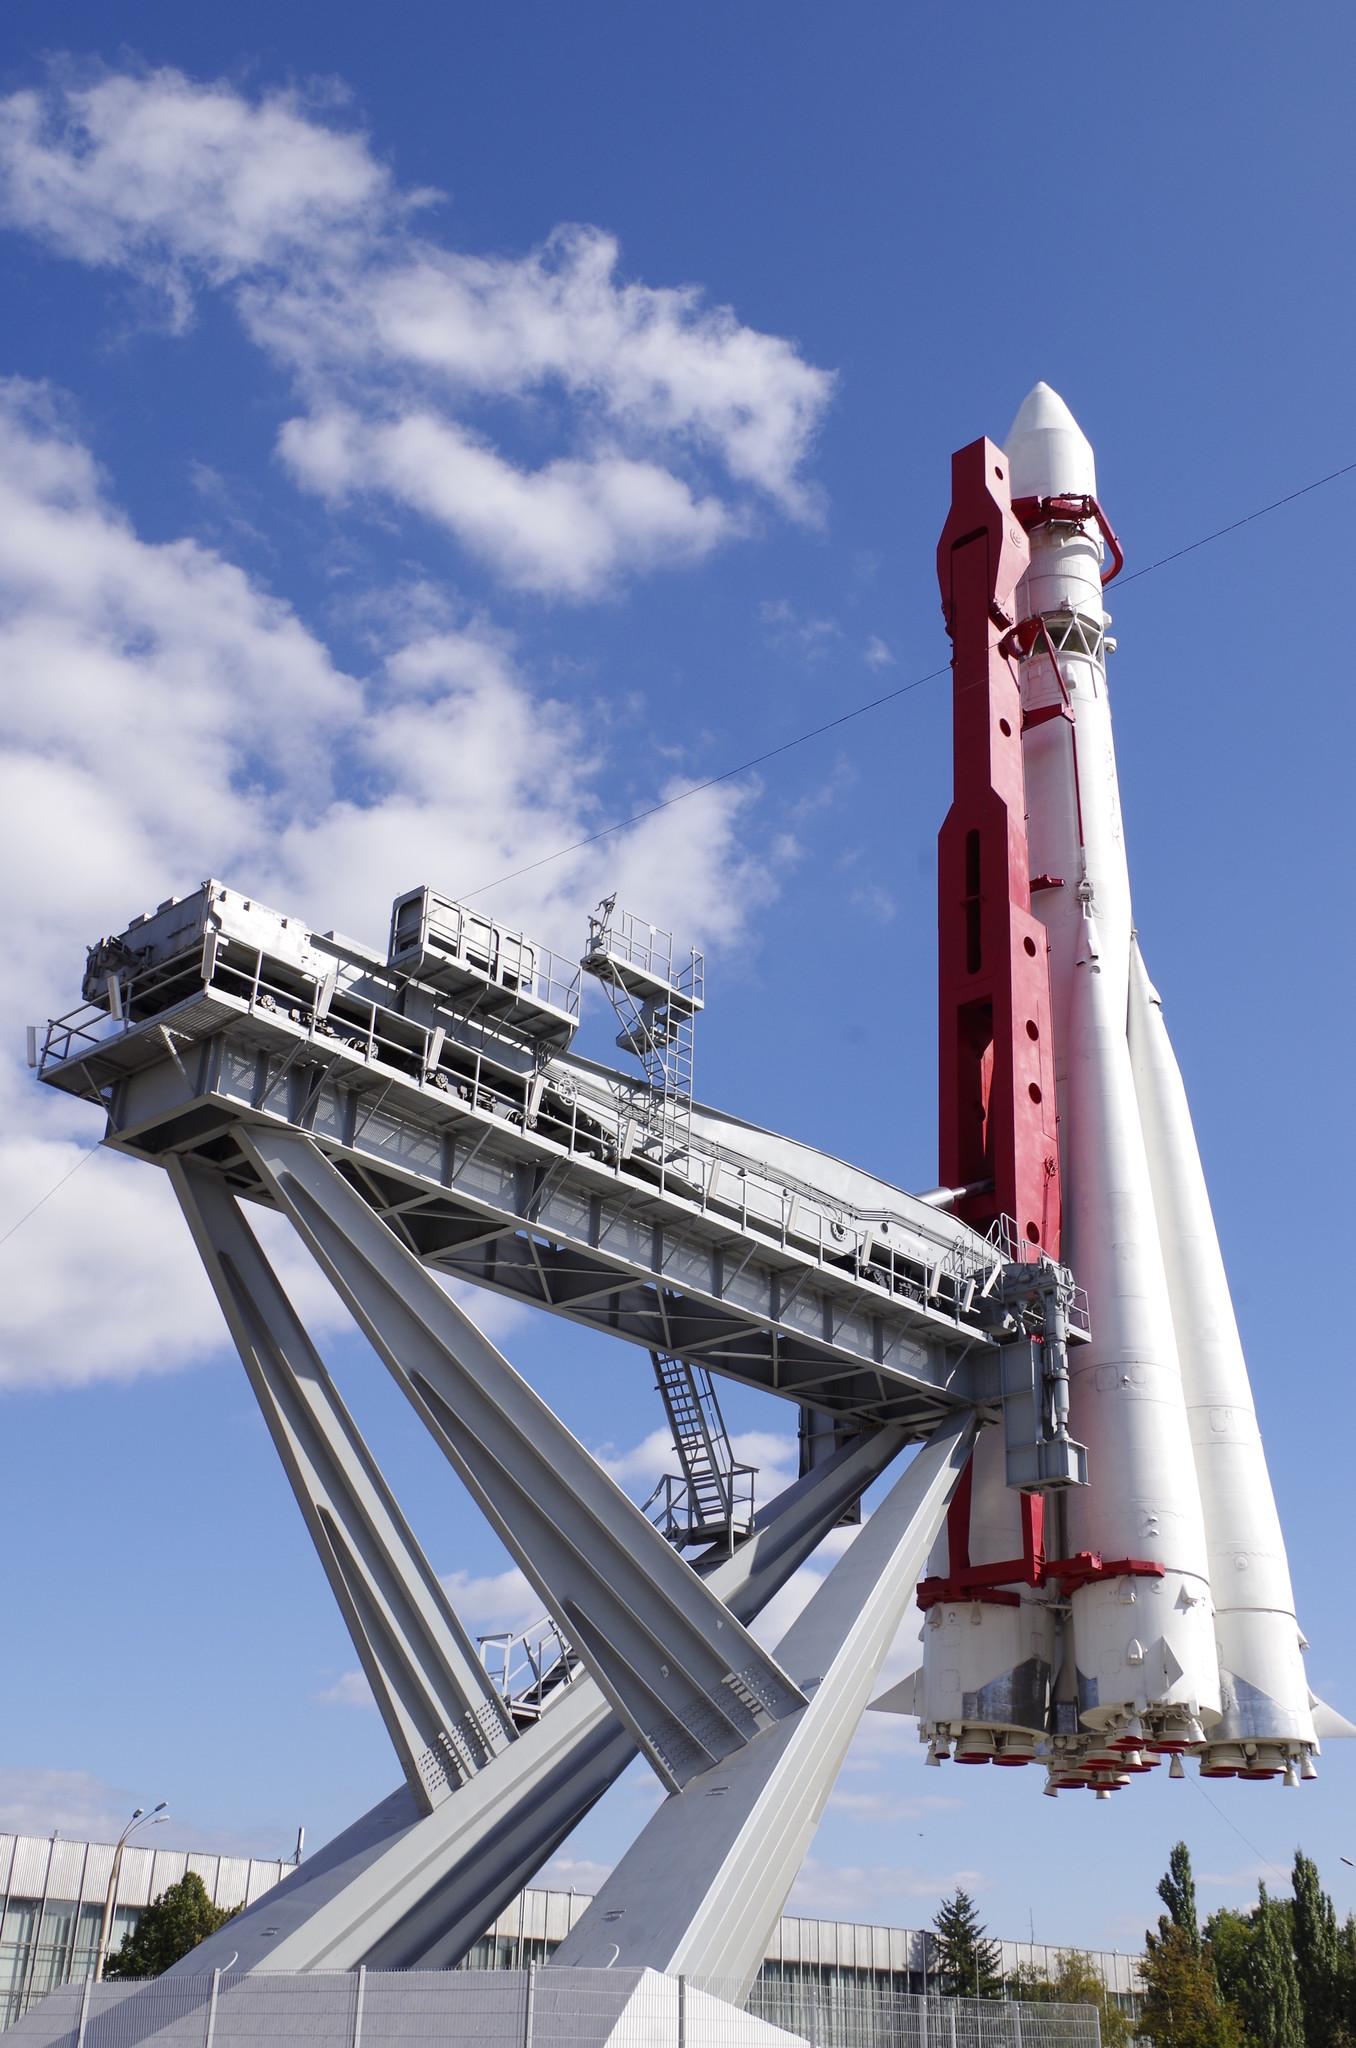 Макет ракеты-носителя «Восток» на территории ВДНХ